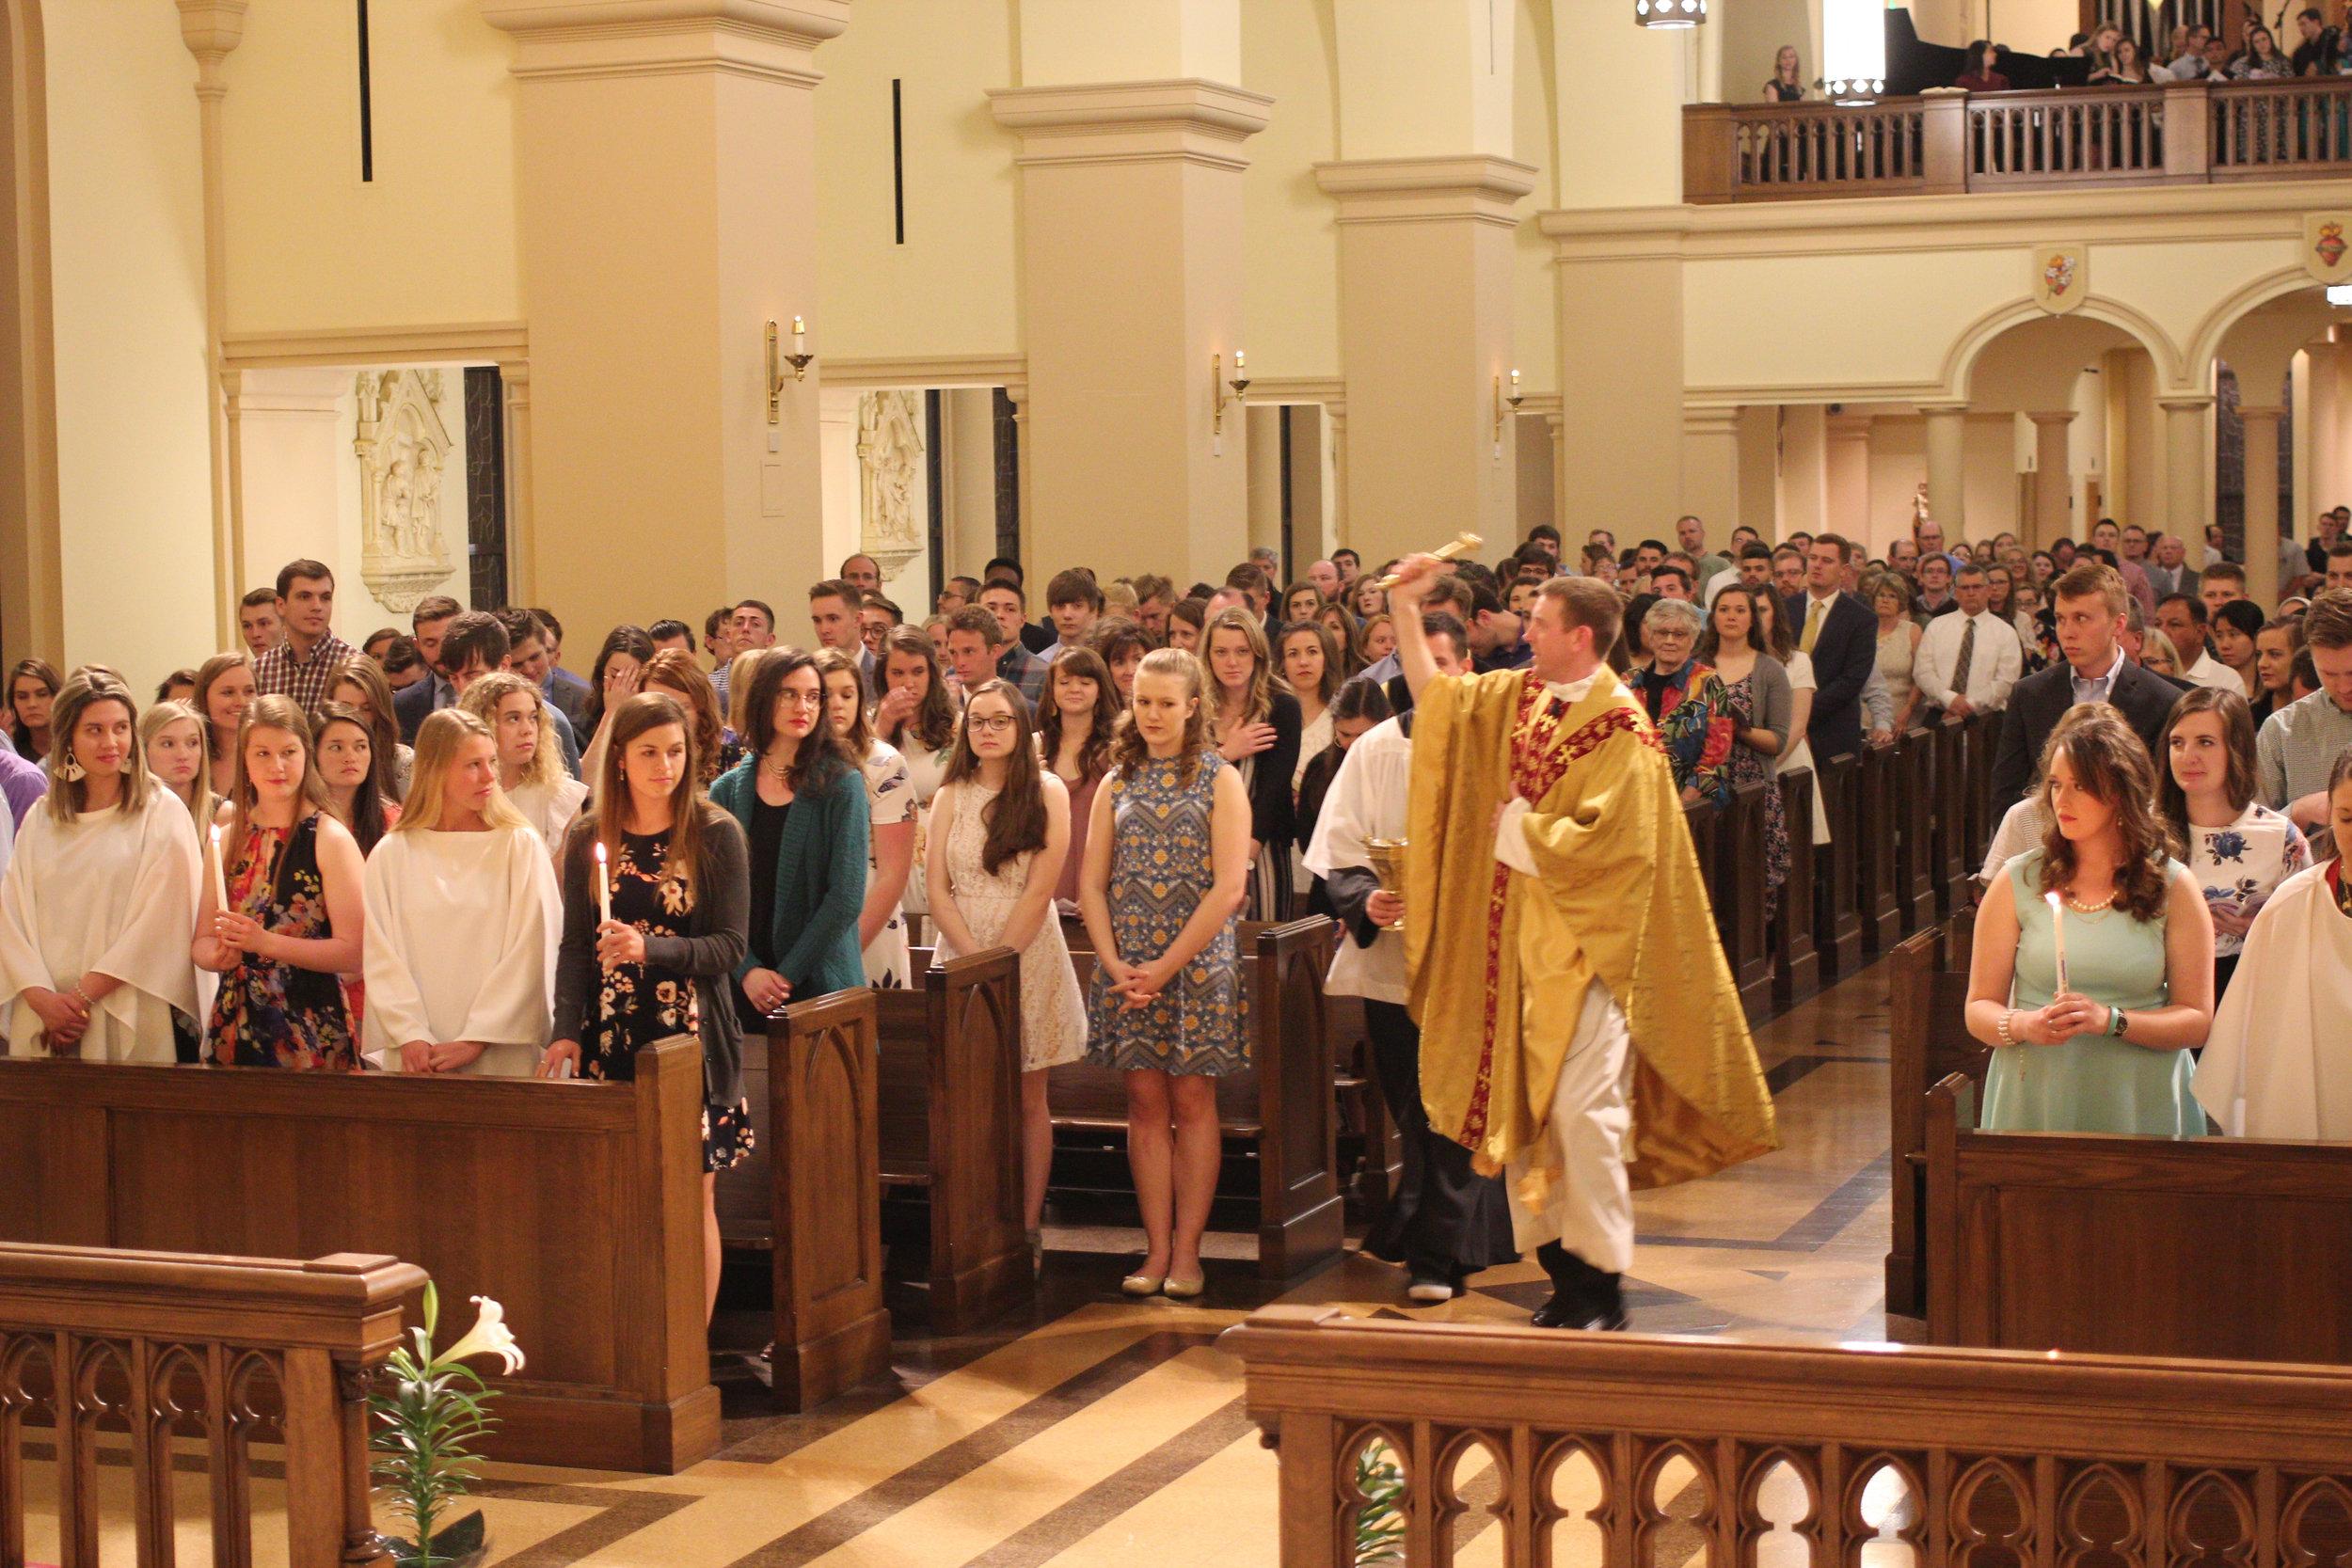 2019-04-20 Newman Easter Vigil Mass-033.jpg